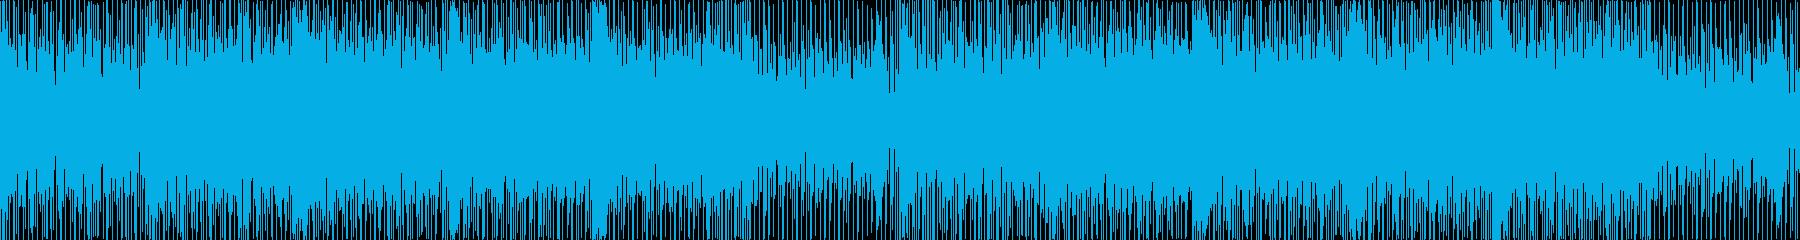 【ループ】三味線、ベース、和風、Lの再生済みの波形